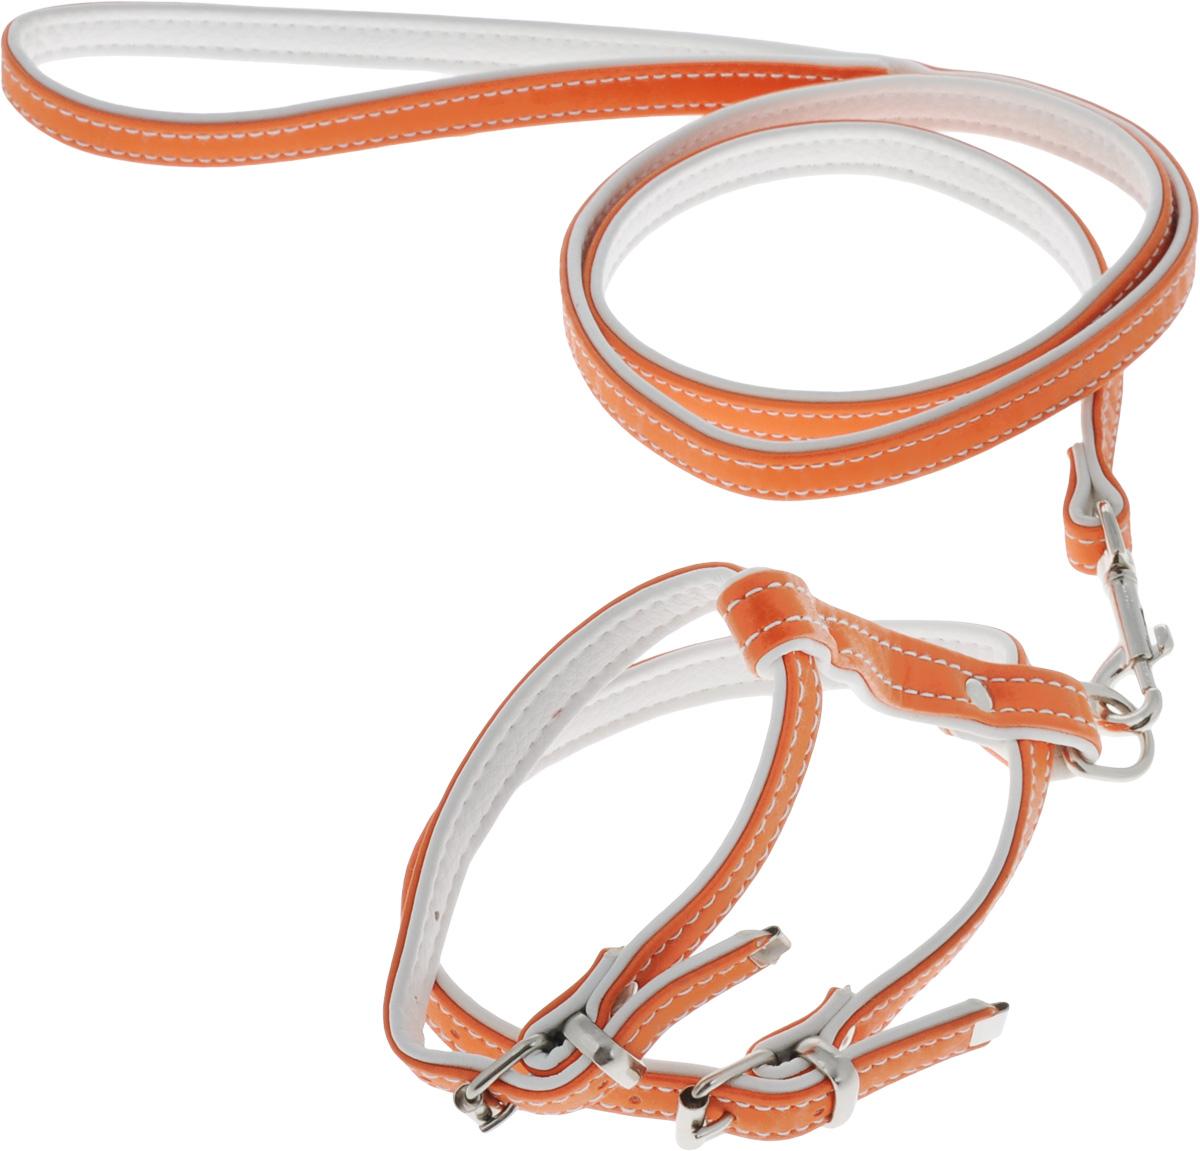 Комплект для животных Аркон Техно, цвет: оранжевый, белый, 2 предметакт12оКомплект для животных Аркон Техно состоит из шлейки и поводка. Изделия изготовлены из искусственной кожи, фурнитура - из сверхпрочных сплавов металла. Надежная конструкция обеспечит вашему четвероногому другу комфортную и безопасную прогулку.Такой комплект подходит как для кошек, так и для мелких пород собак. Длина поводка: 1,1 м.Ширина поводка: 1,4 см.Обхват шеи: 18,5 - 25 см. Обхват груди: 29 - 35,5 см.Длина спинки: 10,5 см.Ширина ремней: 1,4 см; 1,6 см.